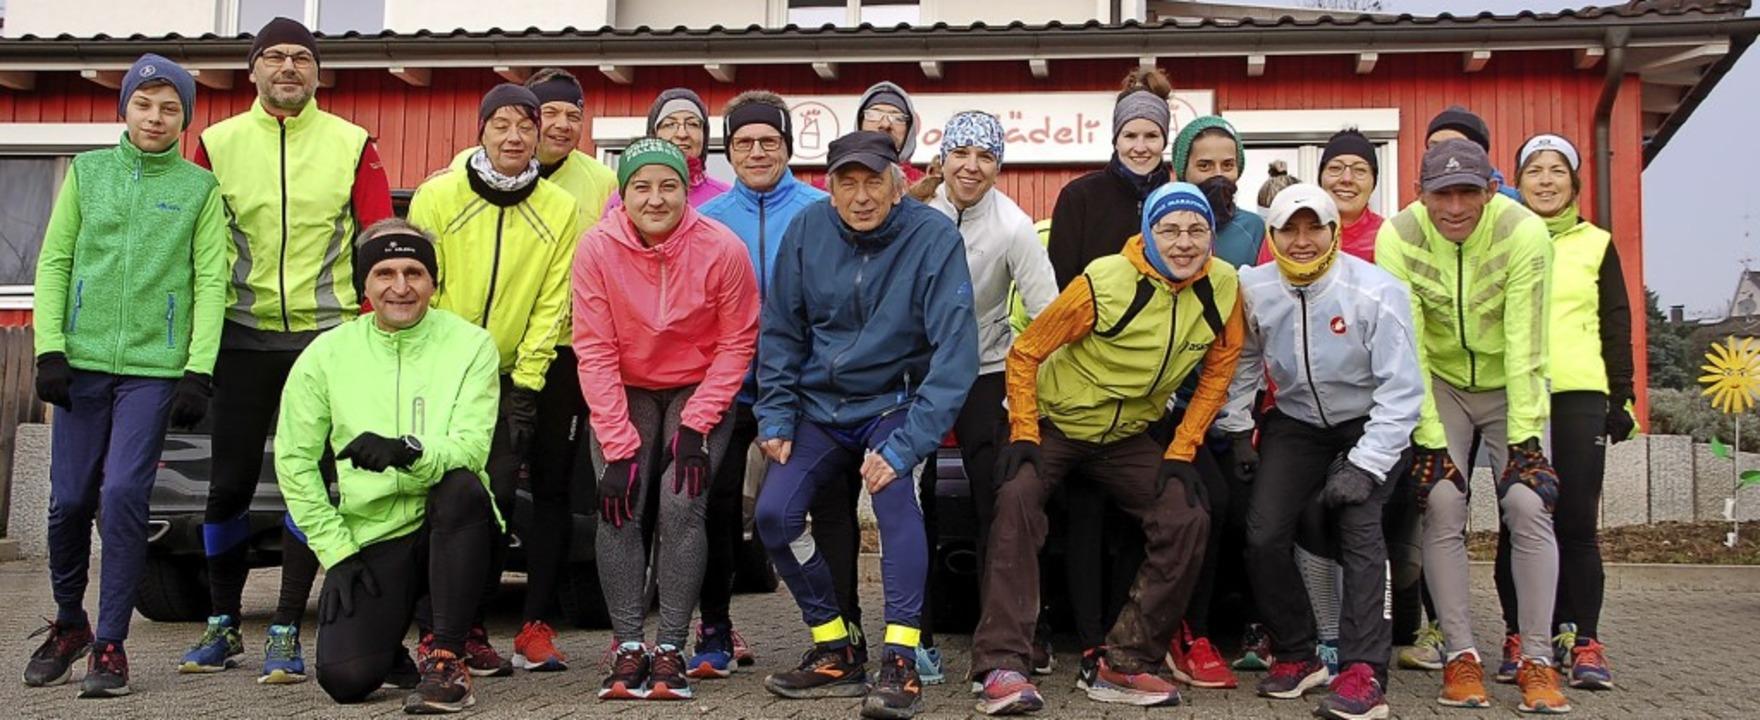 Pünktlich um 10 Uhr machten sich 21 Frauen und Männer an den Start.     Foto: Petra Wunderle